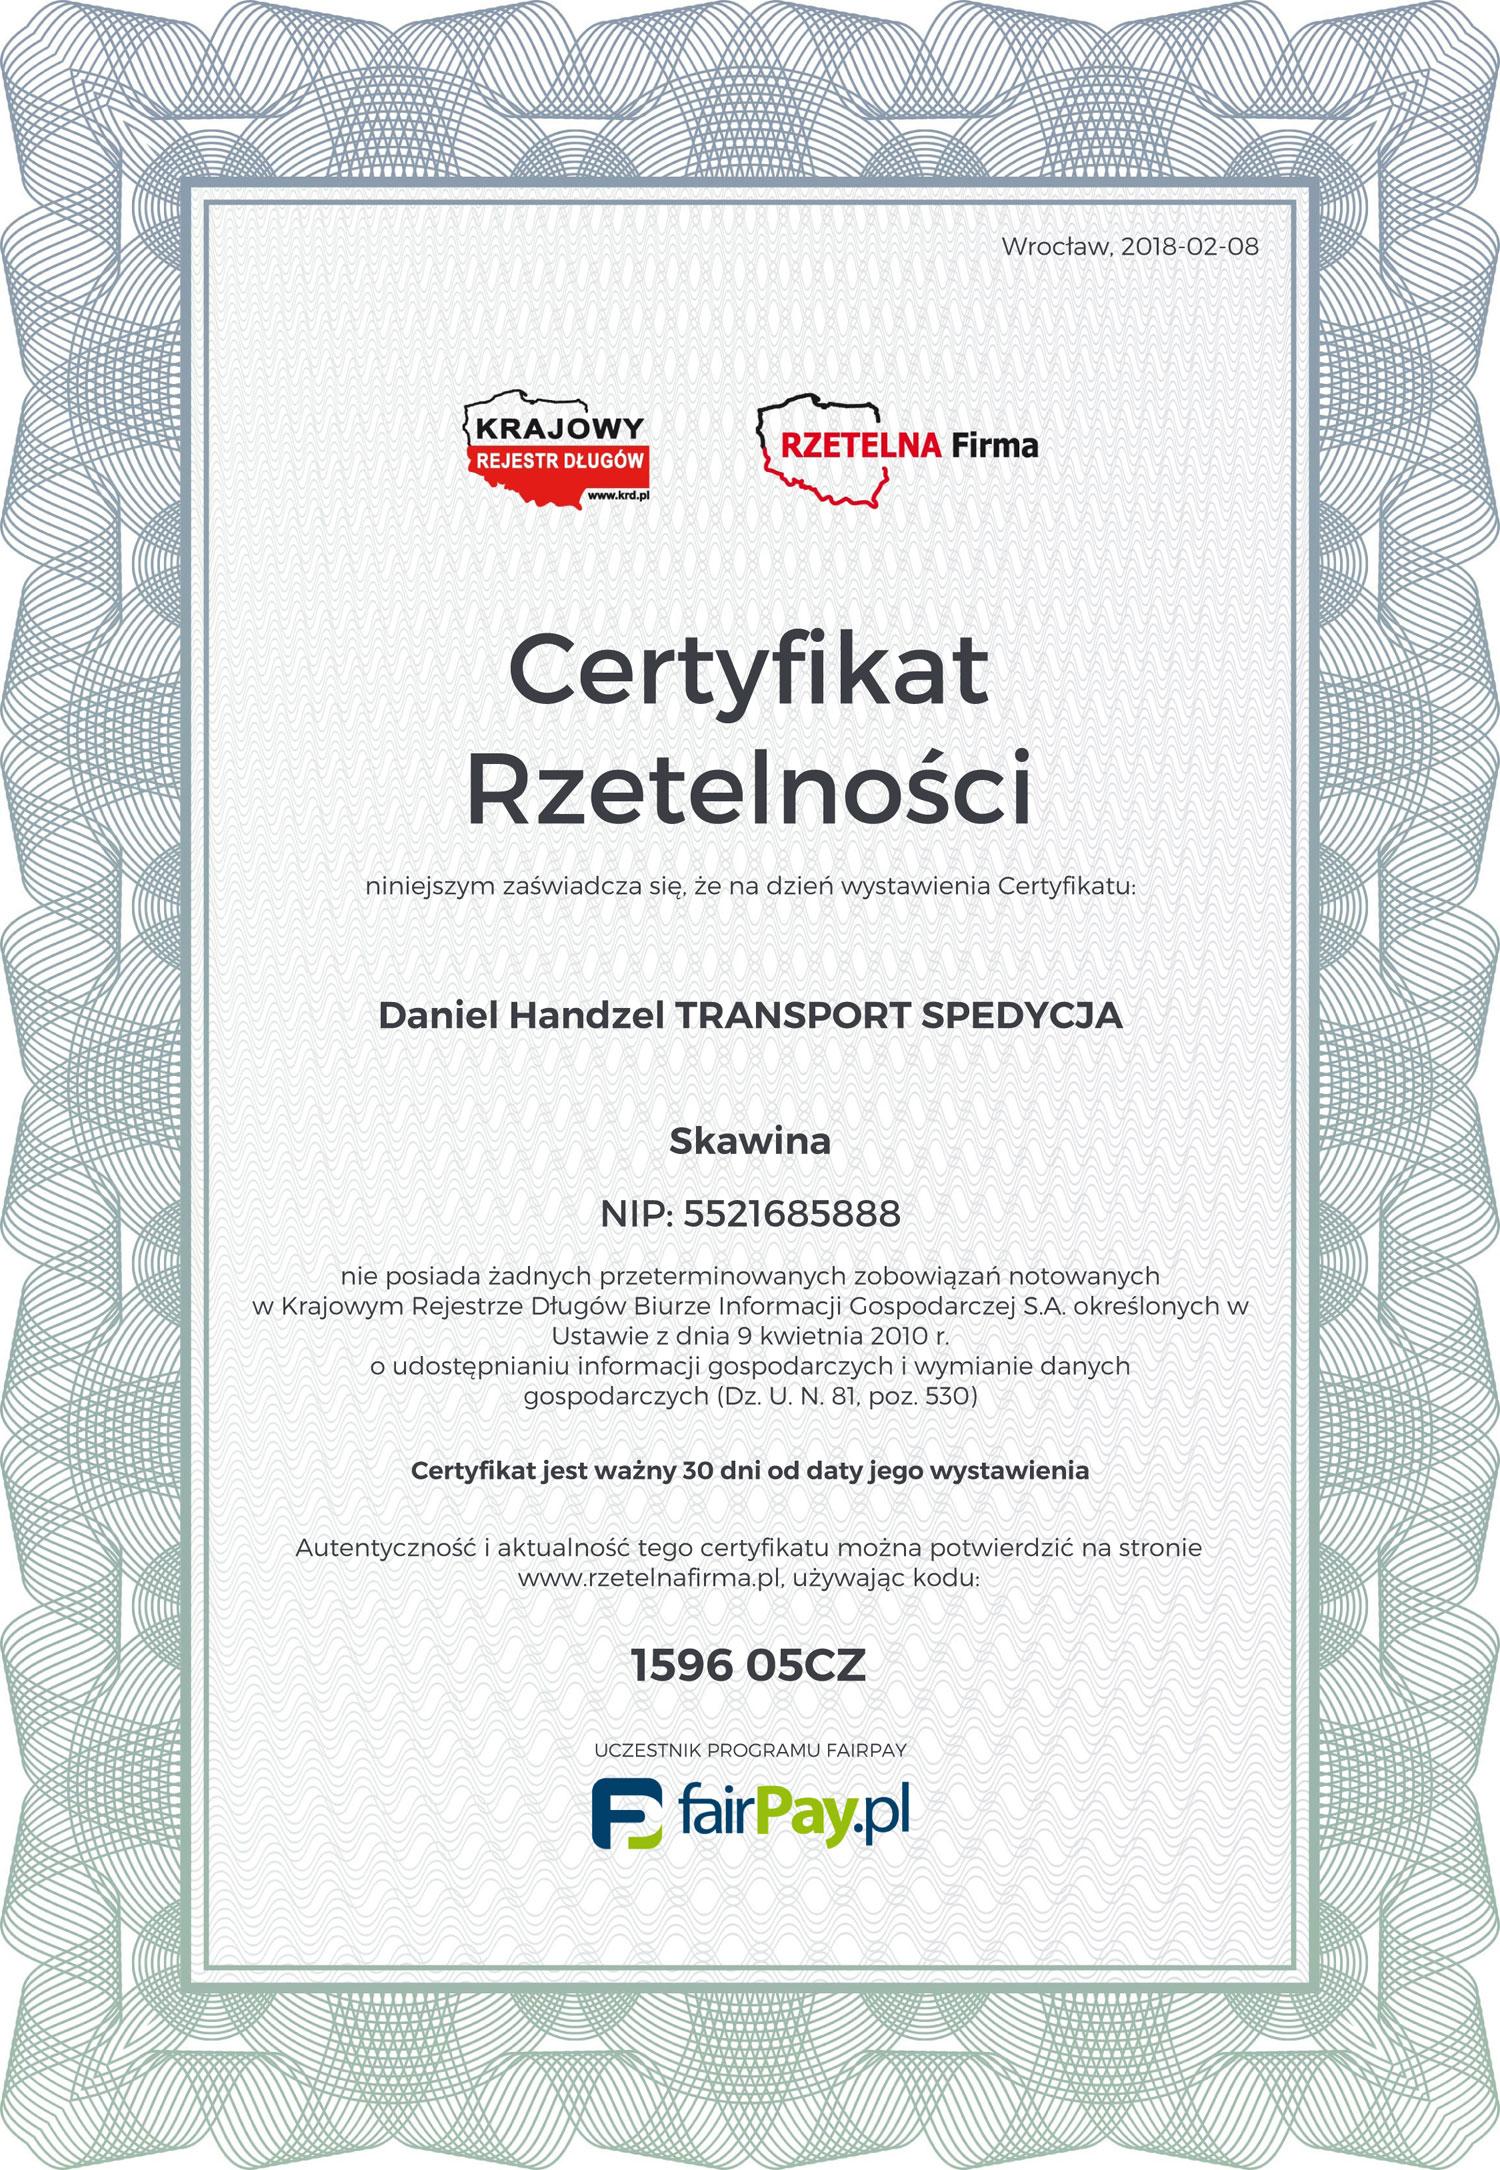 https://spedycja-handzel.pl/images/certyfikaty/2-min.jpg